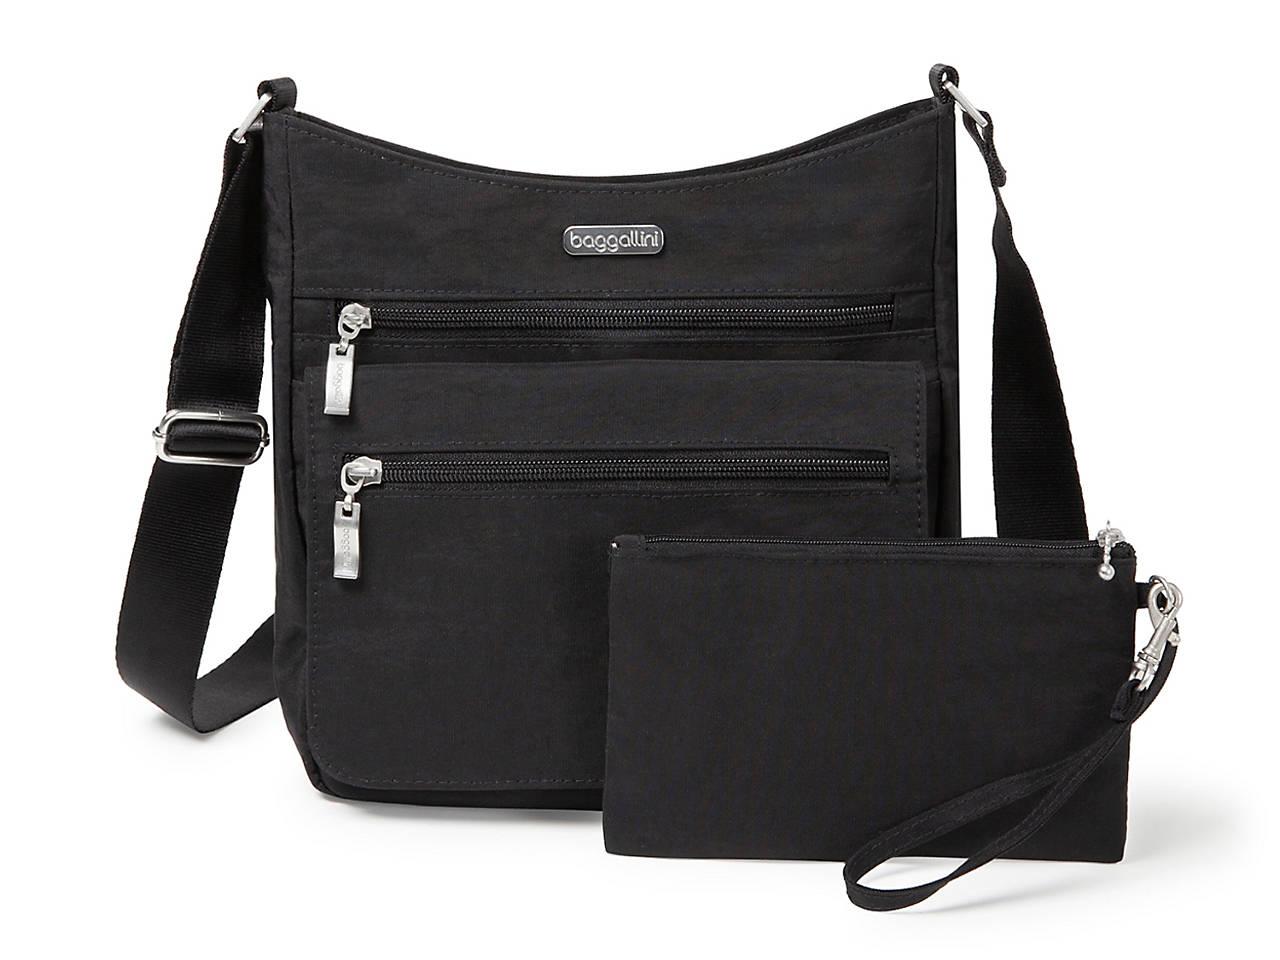 Baggallini Top Zip Flap Crossbody Bag Women s Handbags   Accessories ...